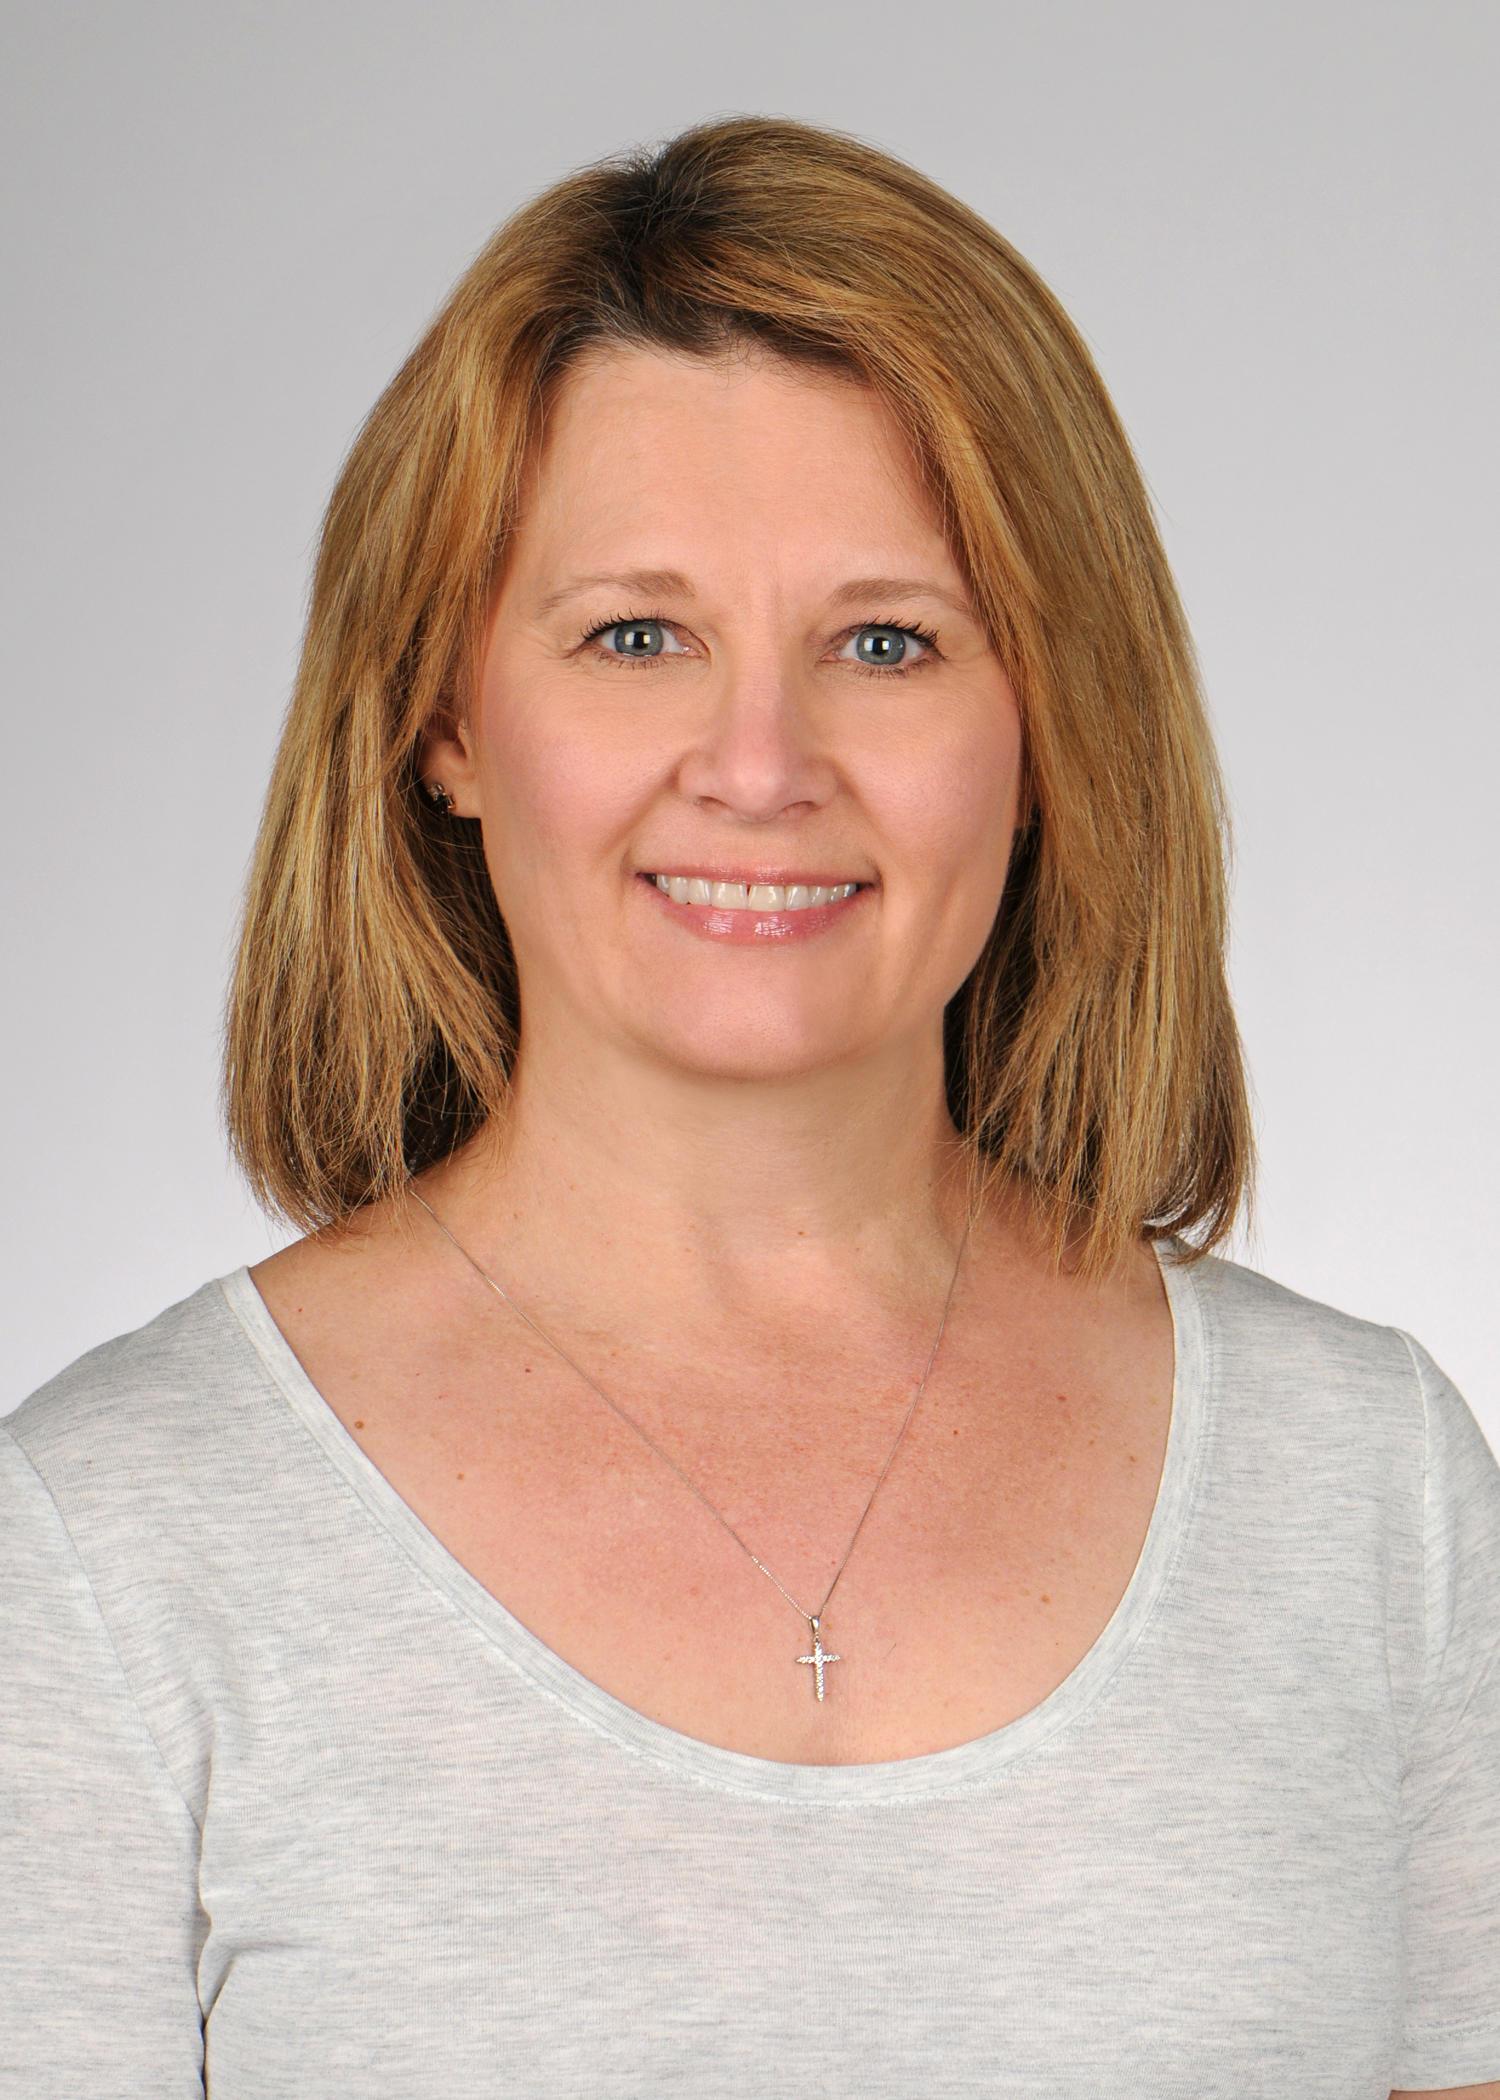 Diana Alford